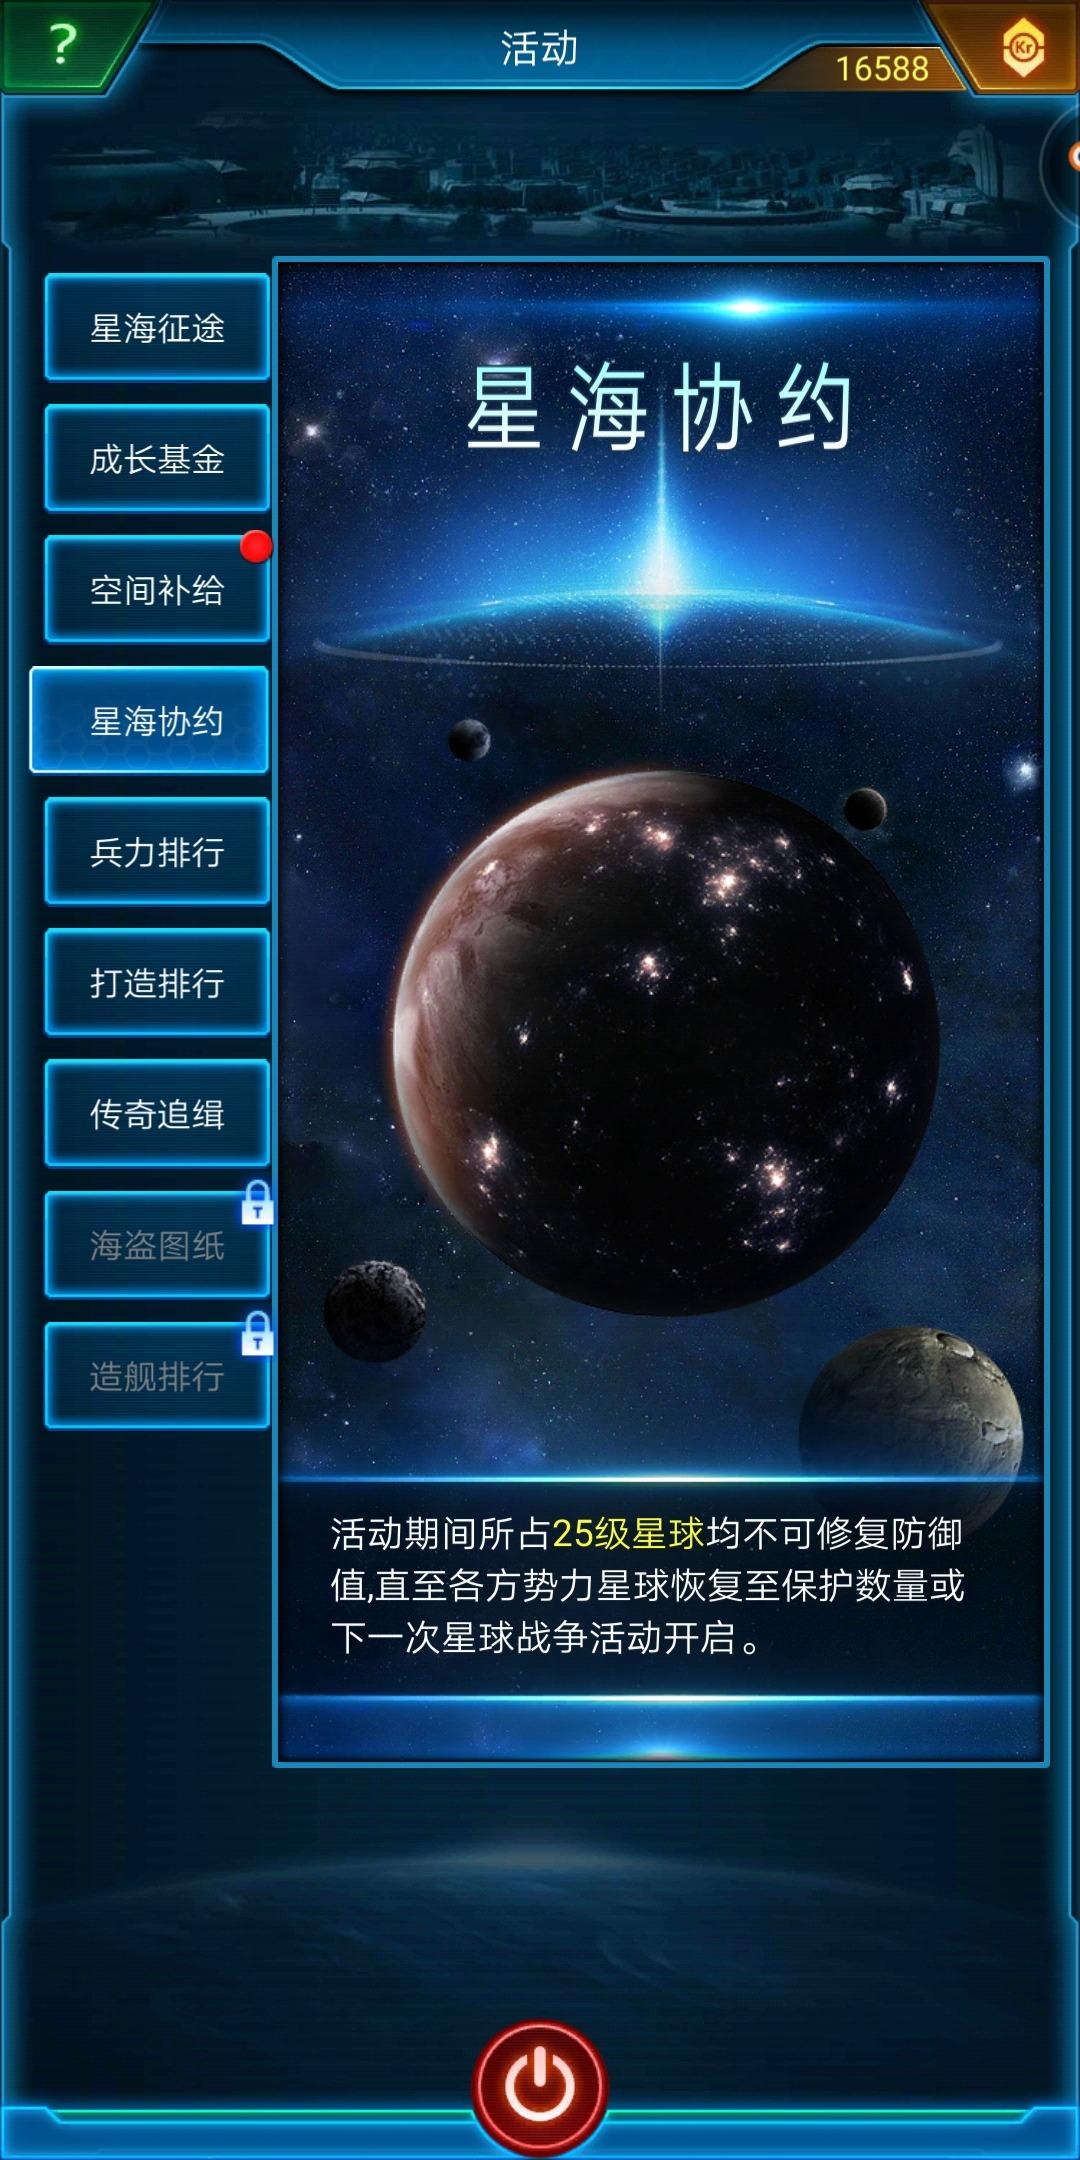 Screenshot_20190606_192354_com.jedigames.p16s.aligames.jpg